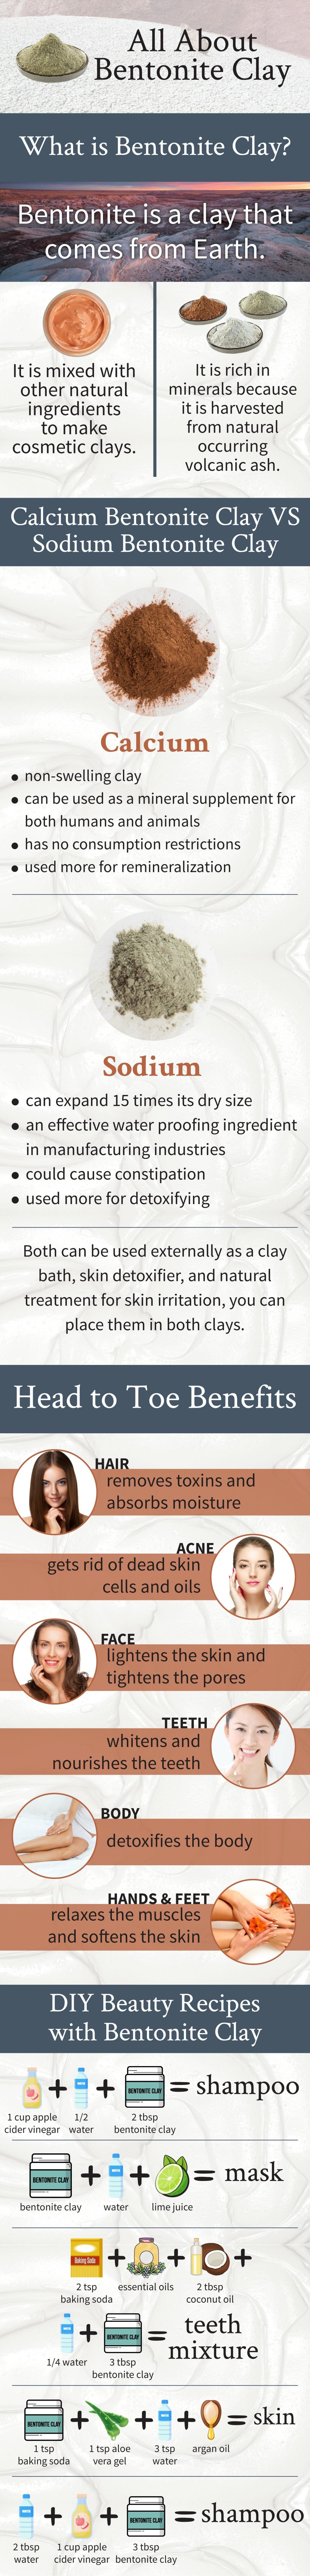 bentonite clay infographic